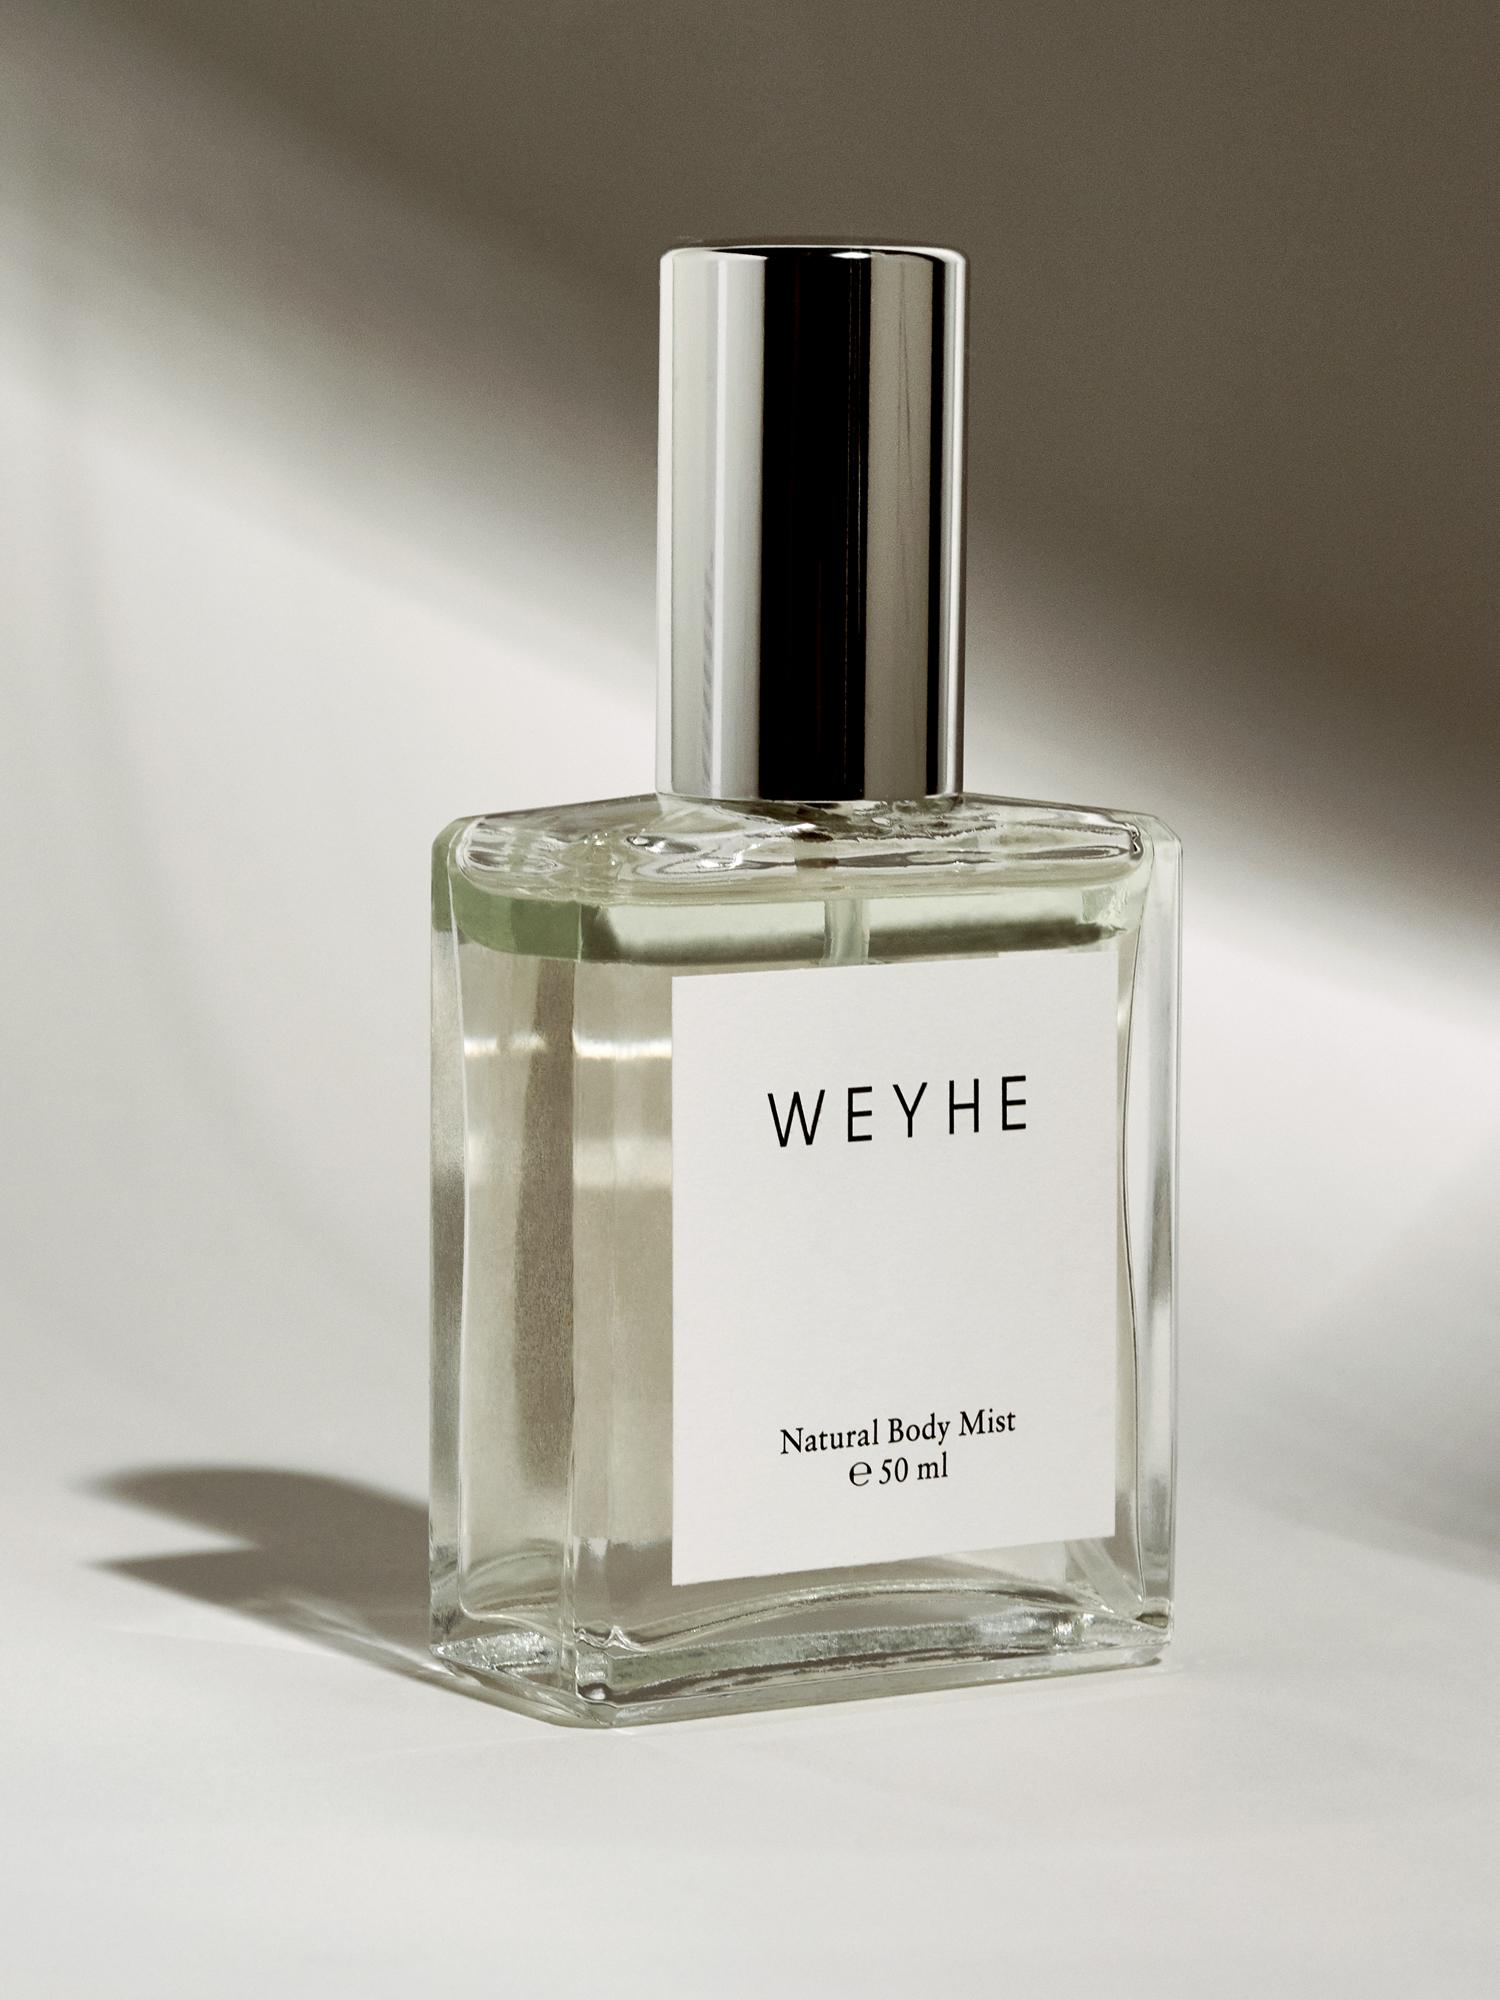 weyhe-body-mist-3784_1